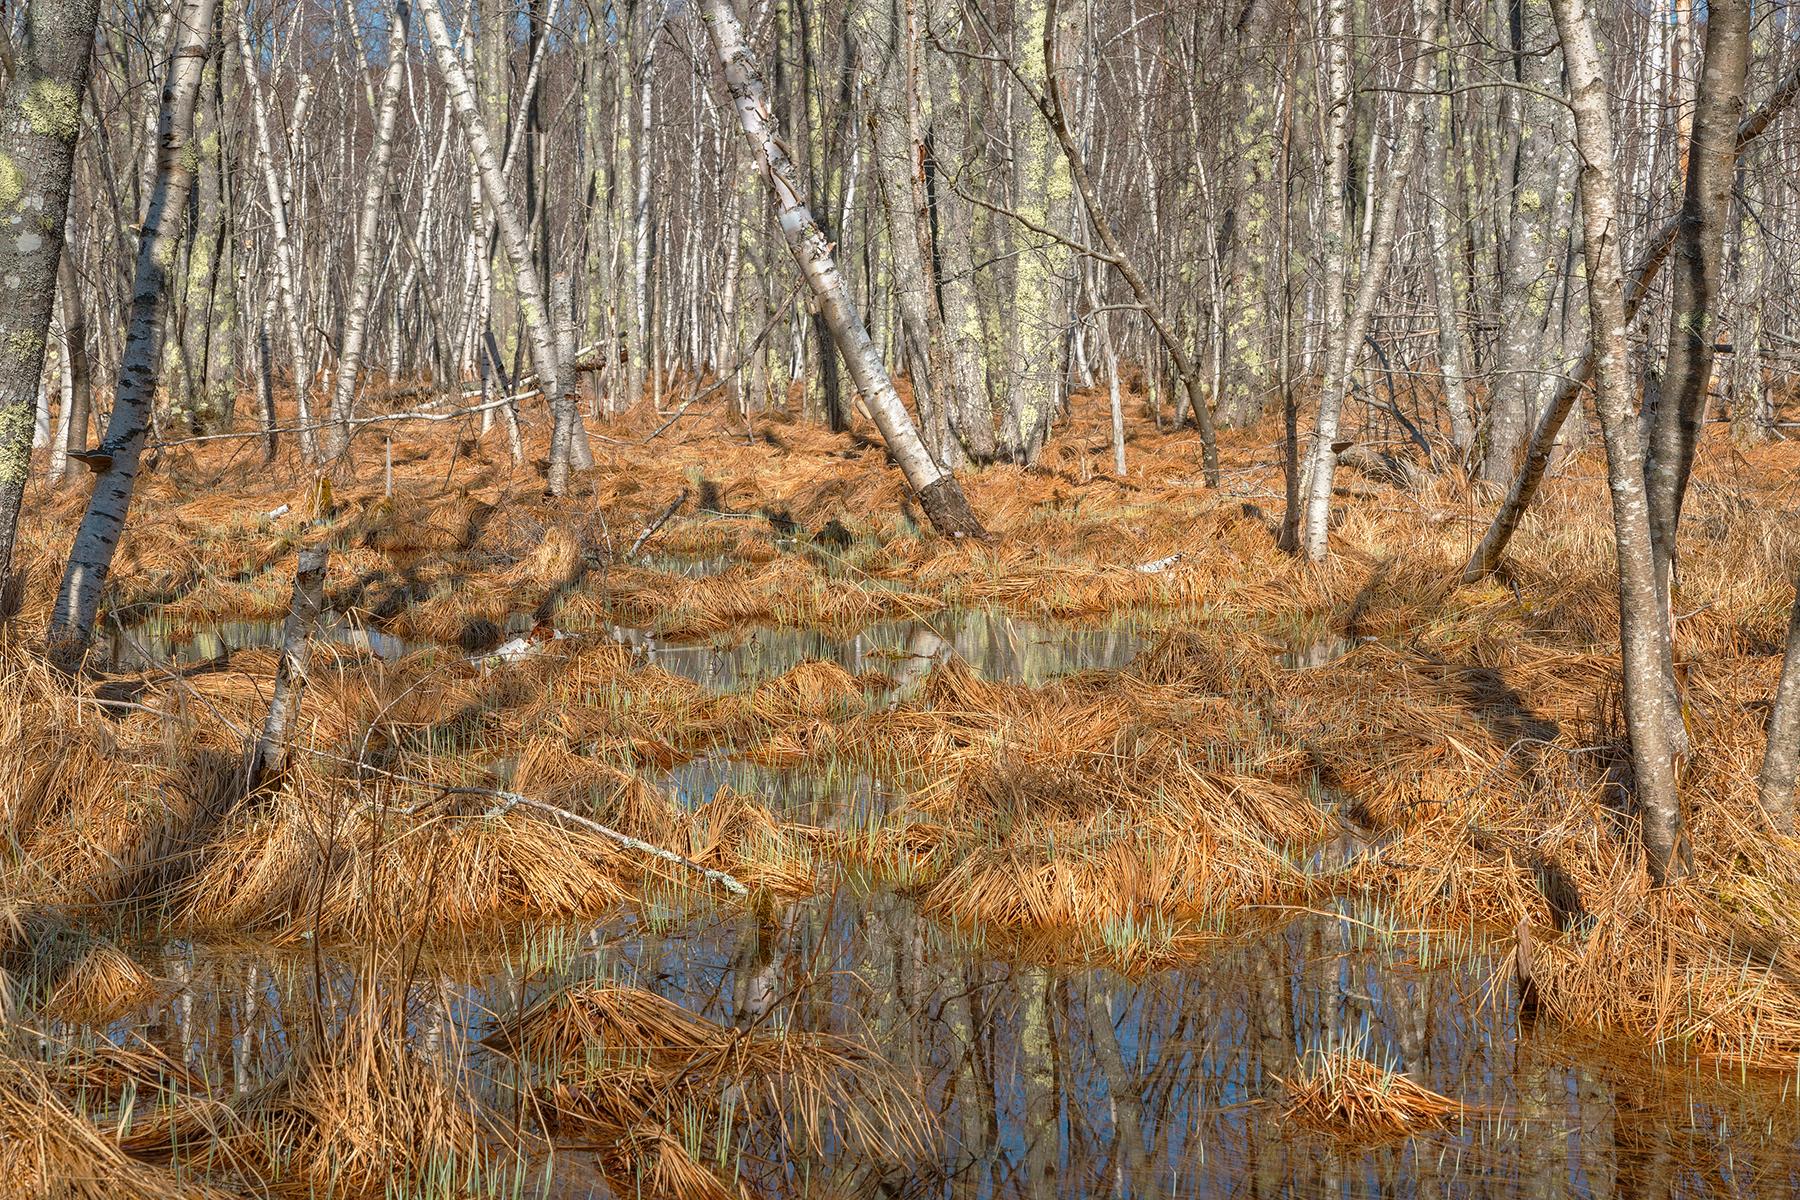 Jesup birch marsh - hdr photo